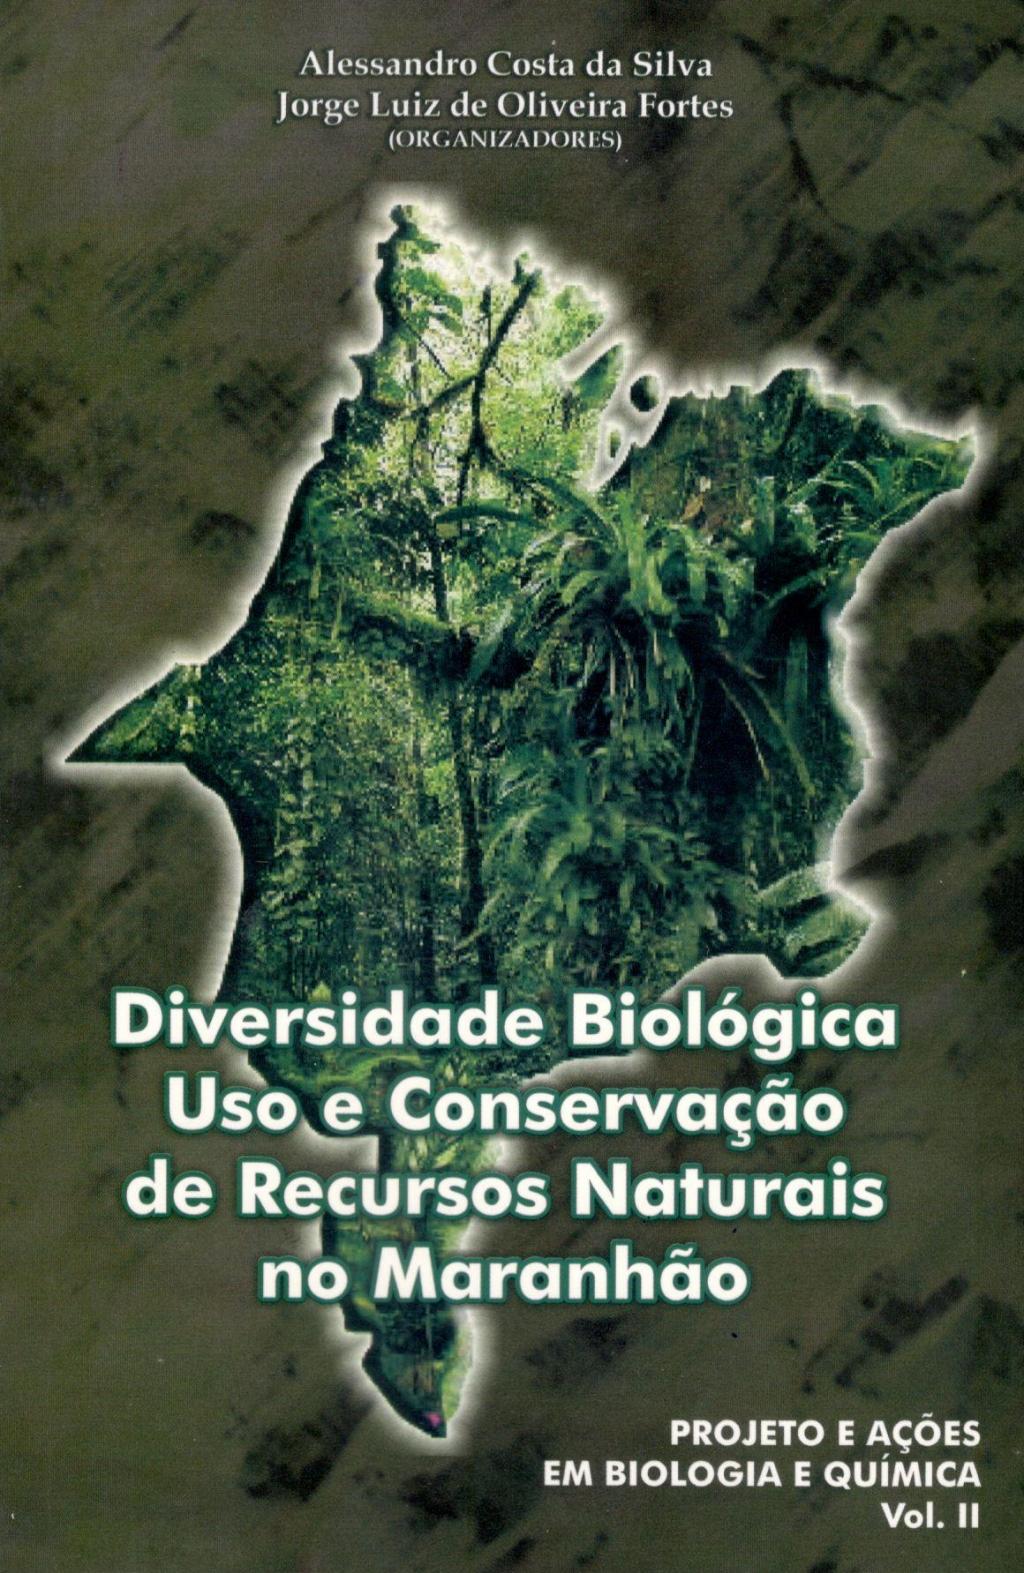 Diversidade Biológica, Uso e conservação de Recursos Naturais no Maranhão (ESGOTADO)